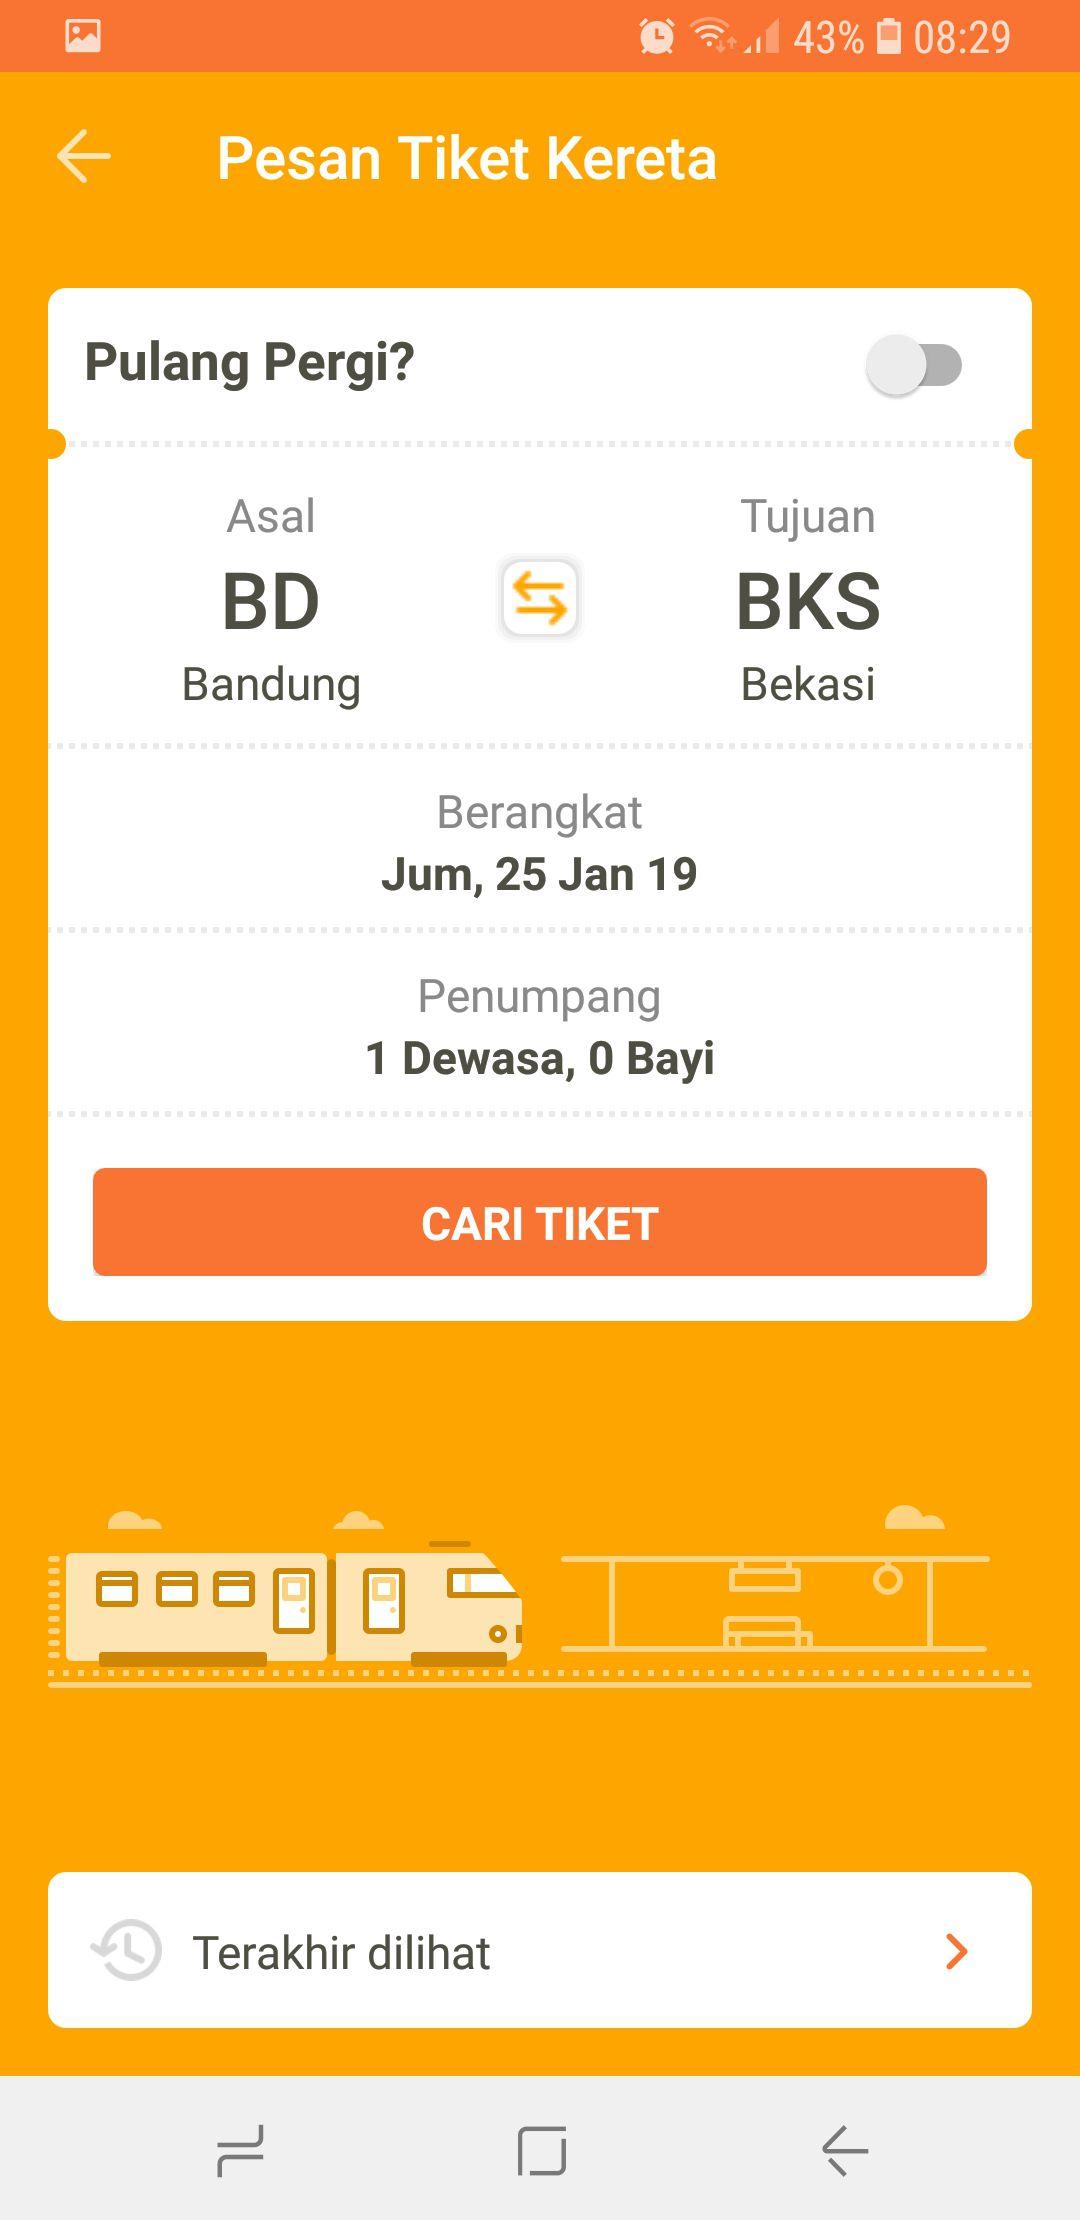 2 - Cari tiket dengan mengisi stasiun asal dan stasiun tujuan, waktu berangkat, dan jumlah penumpang